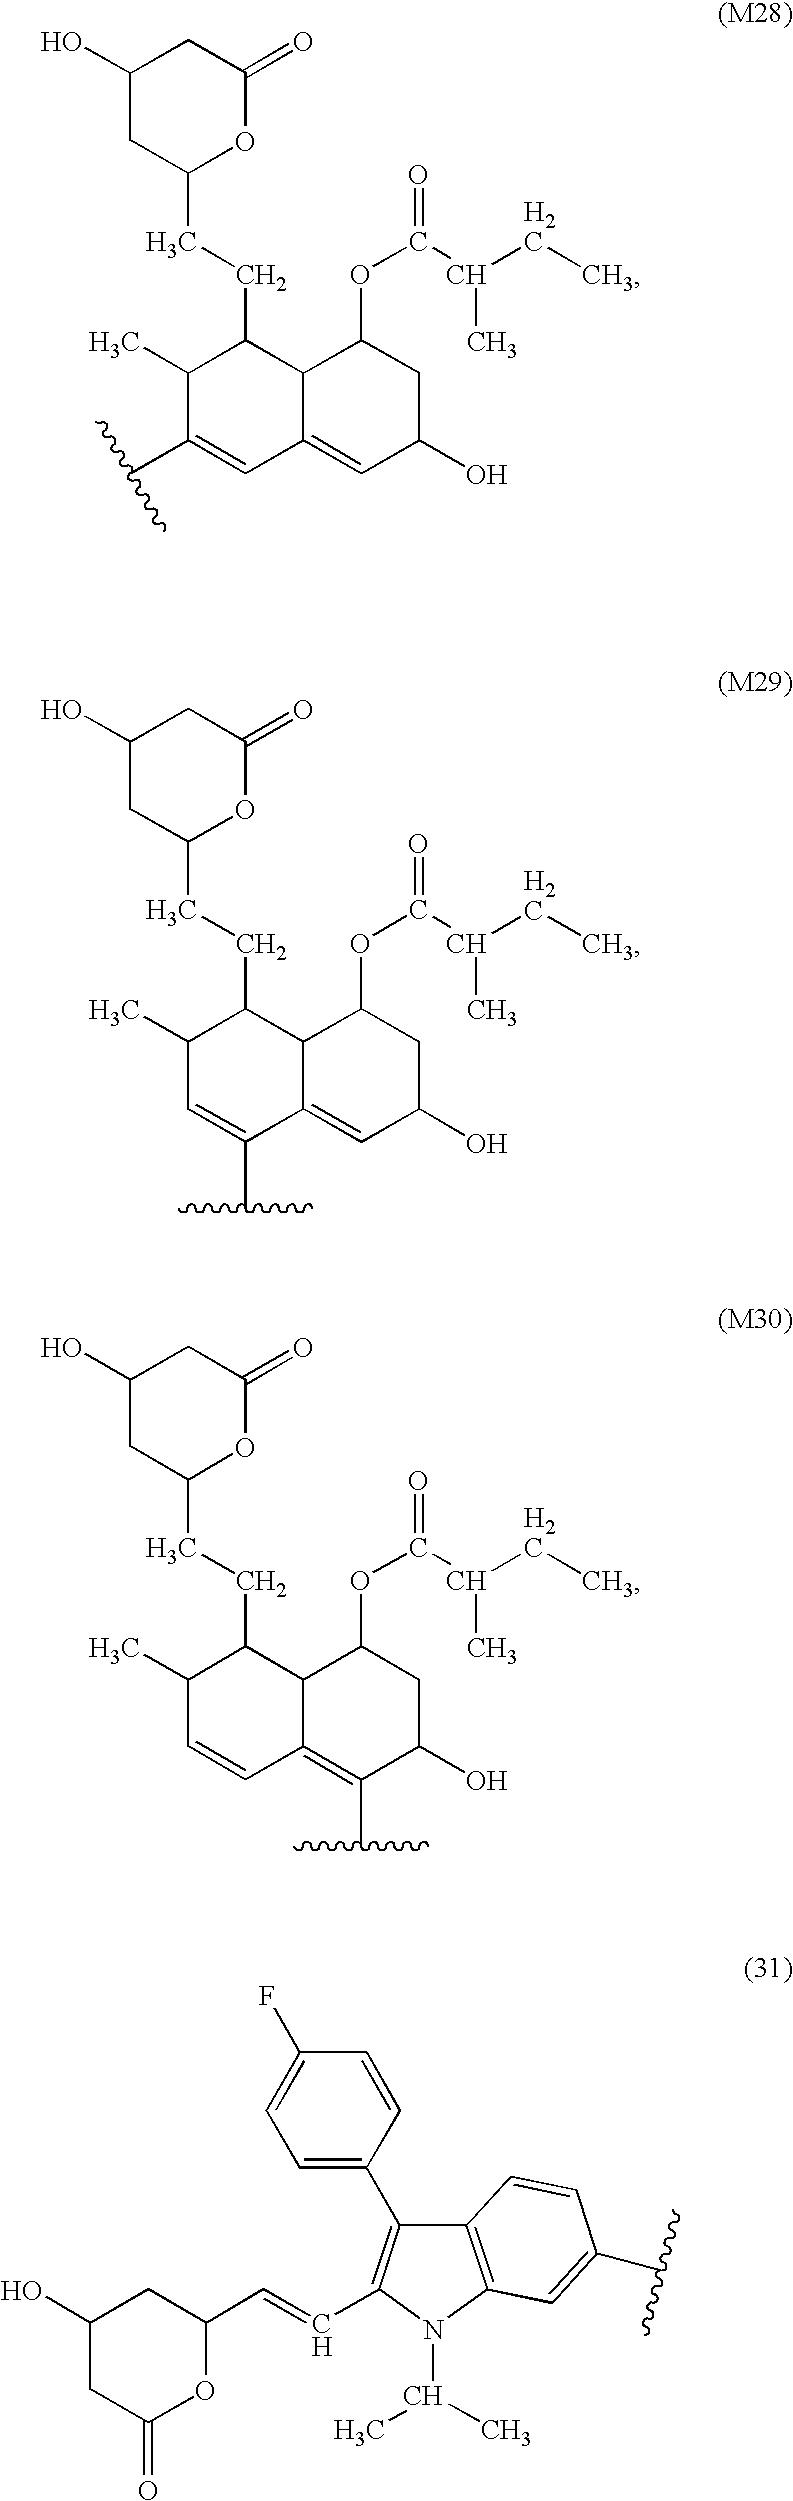 Figure US07459442-20081202-C00014